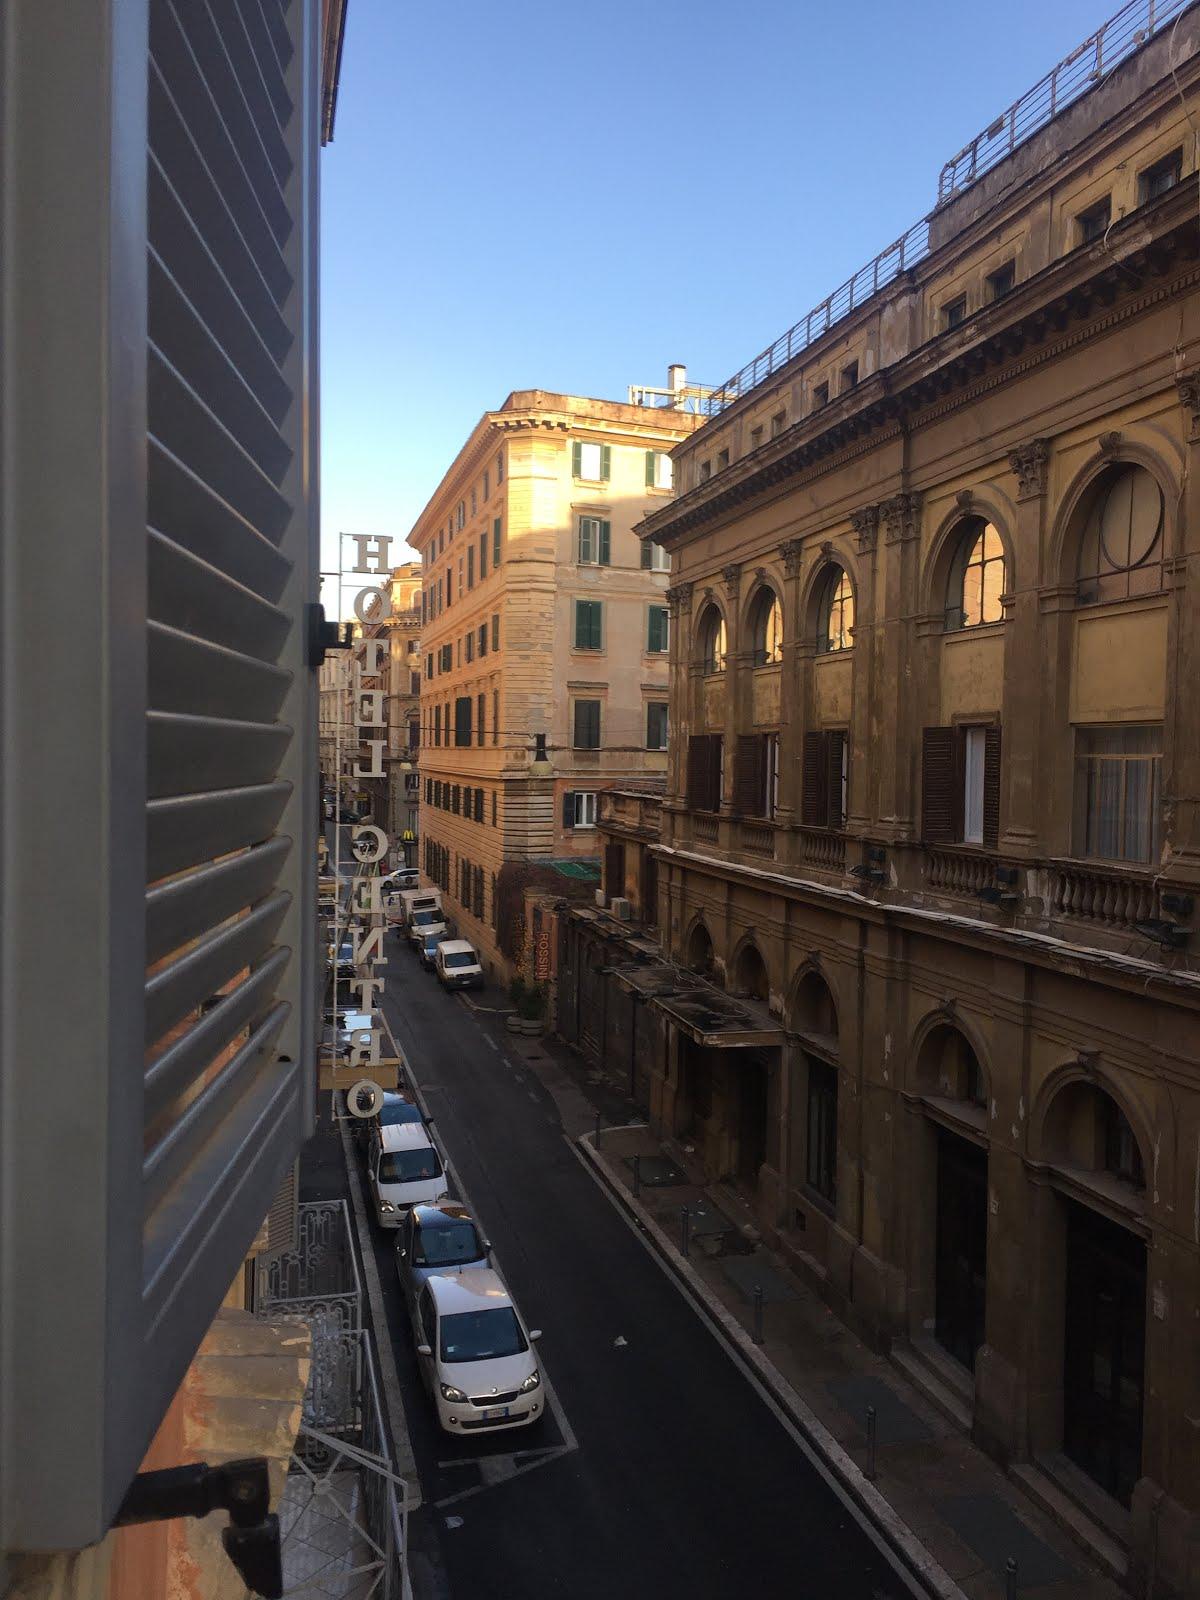 l'hotel opéra roma un endroit stratégique pour se loger à rome